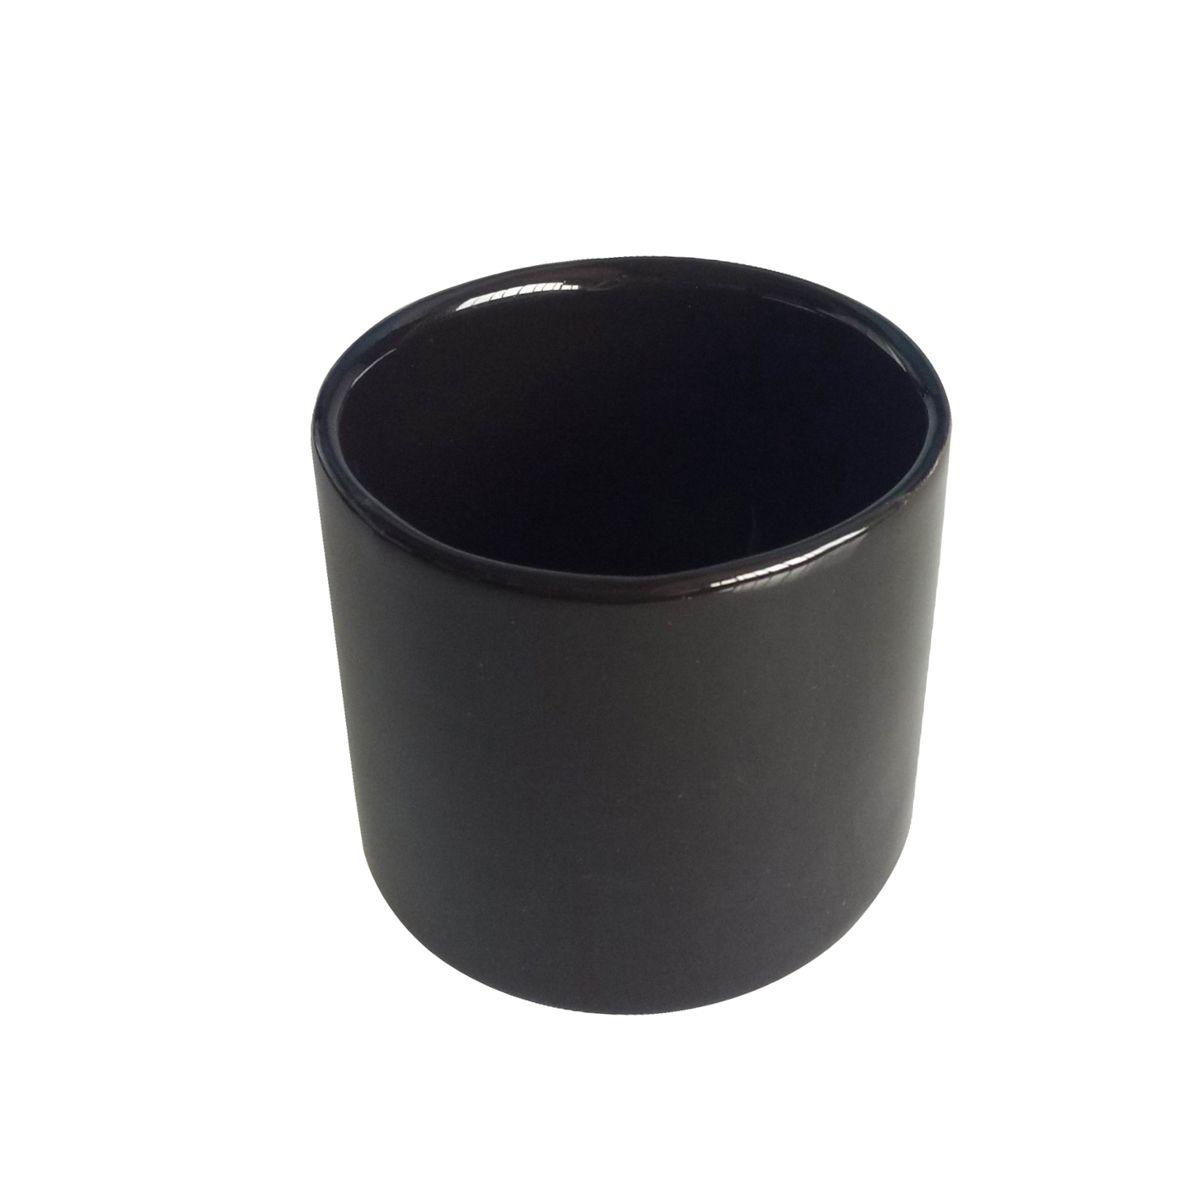 Cachepô de Cerâmica Redondo Basics Preto 6,5cm x 7,5cm - 44082